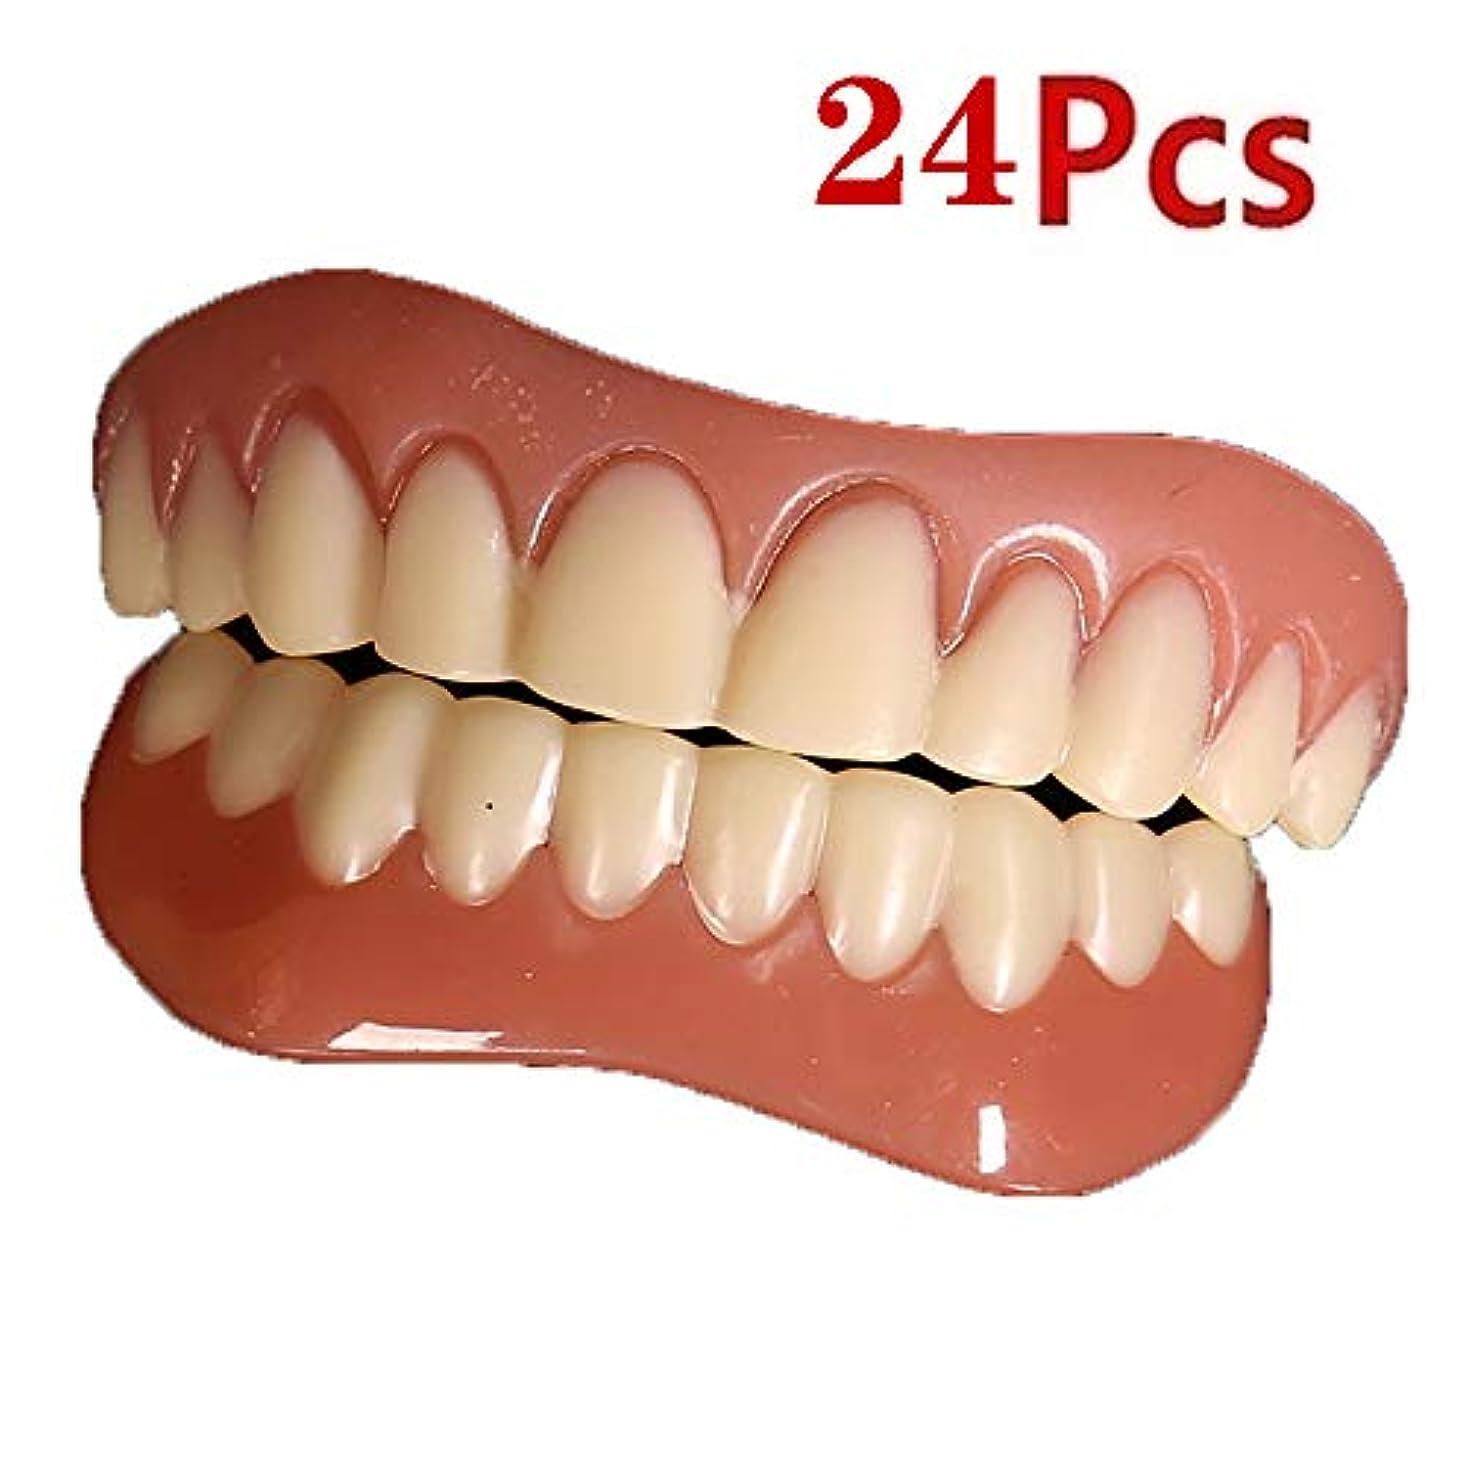 バスケットボールトムオードリース責任24個パーフェクトスマイルベニヤダブのための歯の修正のための悪い歯のための完璧なスマイルベニヤ歯ホワイトニング